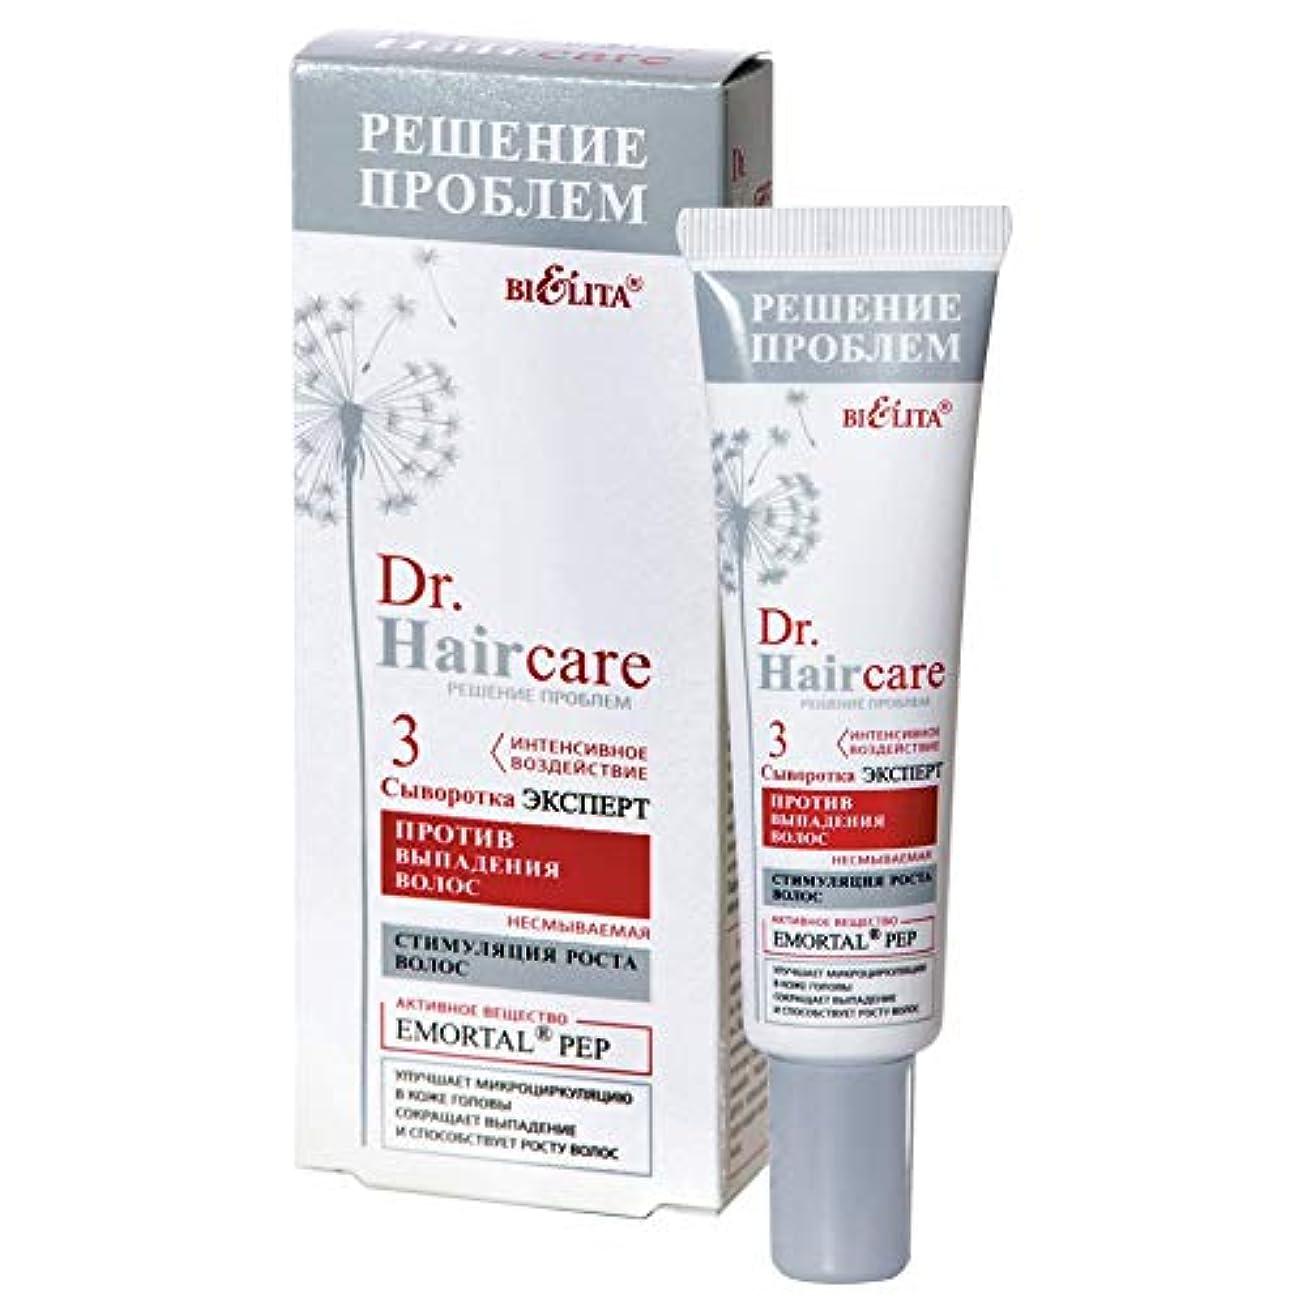 配列上破壊するBielita & Vitex   Serum for Hair Loss   Dr. Hair care   EXPERT for Hair Loss   30 ml